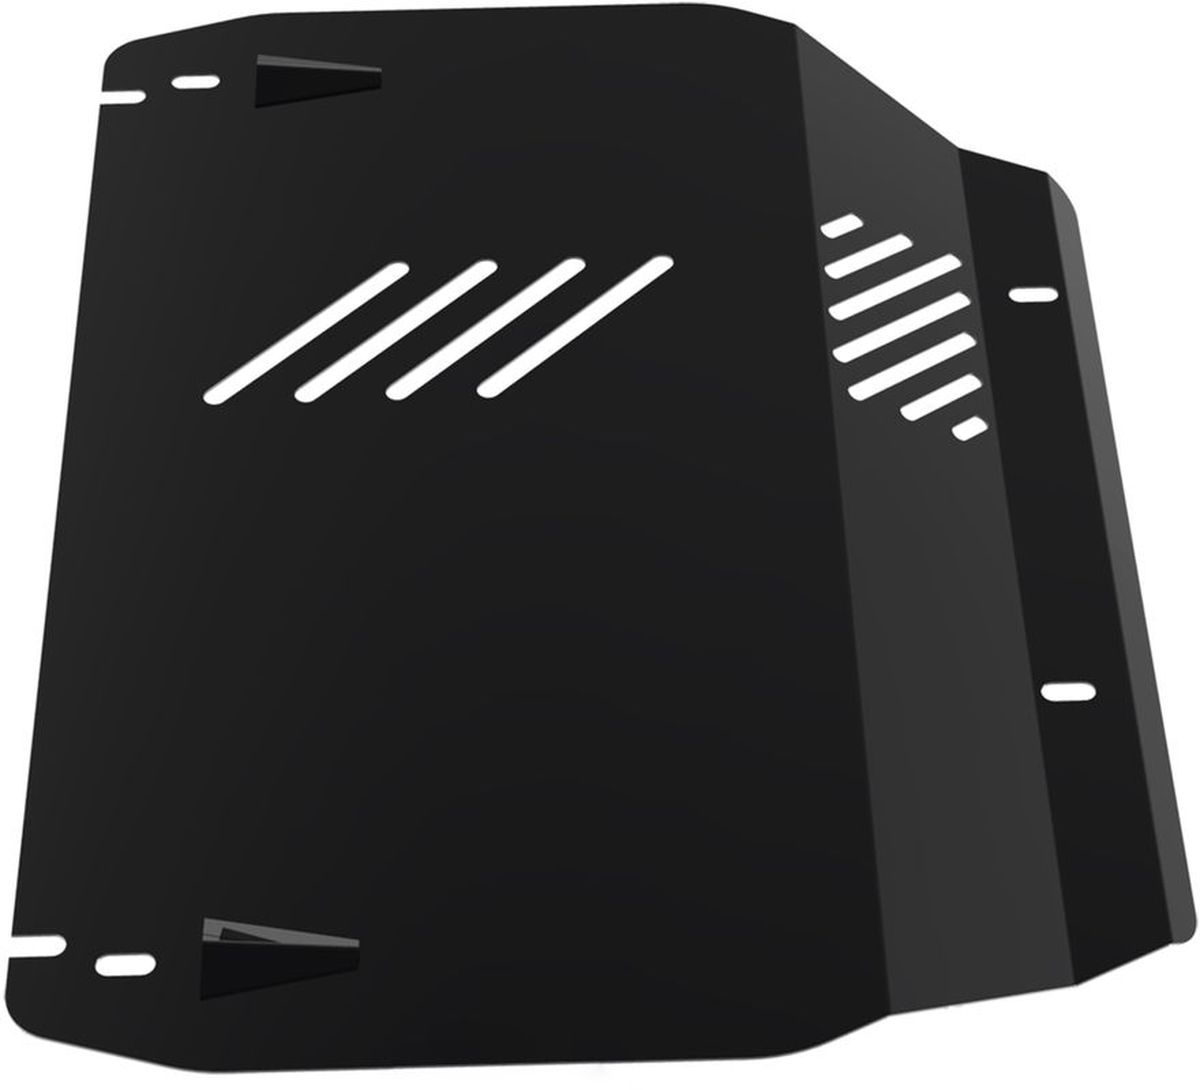 Защита картера и КПП Автоброня, для Hyundai Tucson/Kia Sportage. 111.02312.1DAVC150Технологически совершенный продукт за невысокую стоимость.Защита разработана с учетом особенностей днища автомобиля, что позволяет сохранить дорожный просвет с минимальным изменением.Защита устанавливается в штатные места кузова автомобиля. Глубокий штамп обеспечивает до двух раз больше жесткости в сравнении с обычной защитой той же толщины. Проштампованные ребра жесткости препятствуют деформации защиты при ударах.Тепловой зазор и вентиляционные отверстия обеспечивают сохранение температурного режима двигателя в норме. Скрытый крепеж предотвращает срыв крепежных элементов при наезде на препятствие.Шумопоглощающие резиновые элементы обеспечивают комфортную езду без вибраций и скрежета металла, а съемные лючки для слива масла и замены фильтра - экономию средств и время.Конструкция изделия не влияет на пассивную безопасность автомобиля (при ударе защита не воздействует на деформационные зоны кузова). Со штатным крепежом. В комплекте инструкция по установке.Толщина стали: 2 мм.